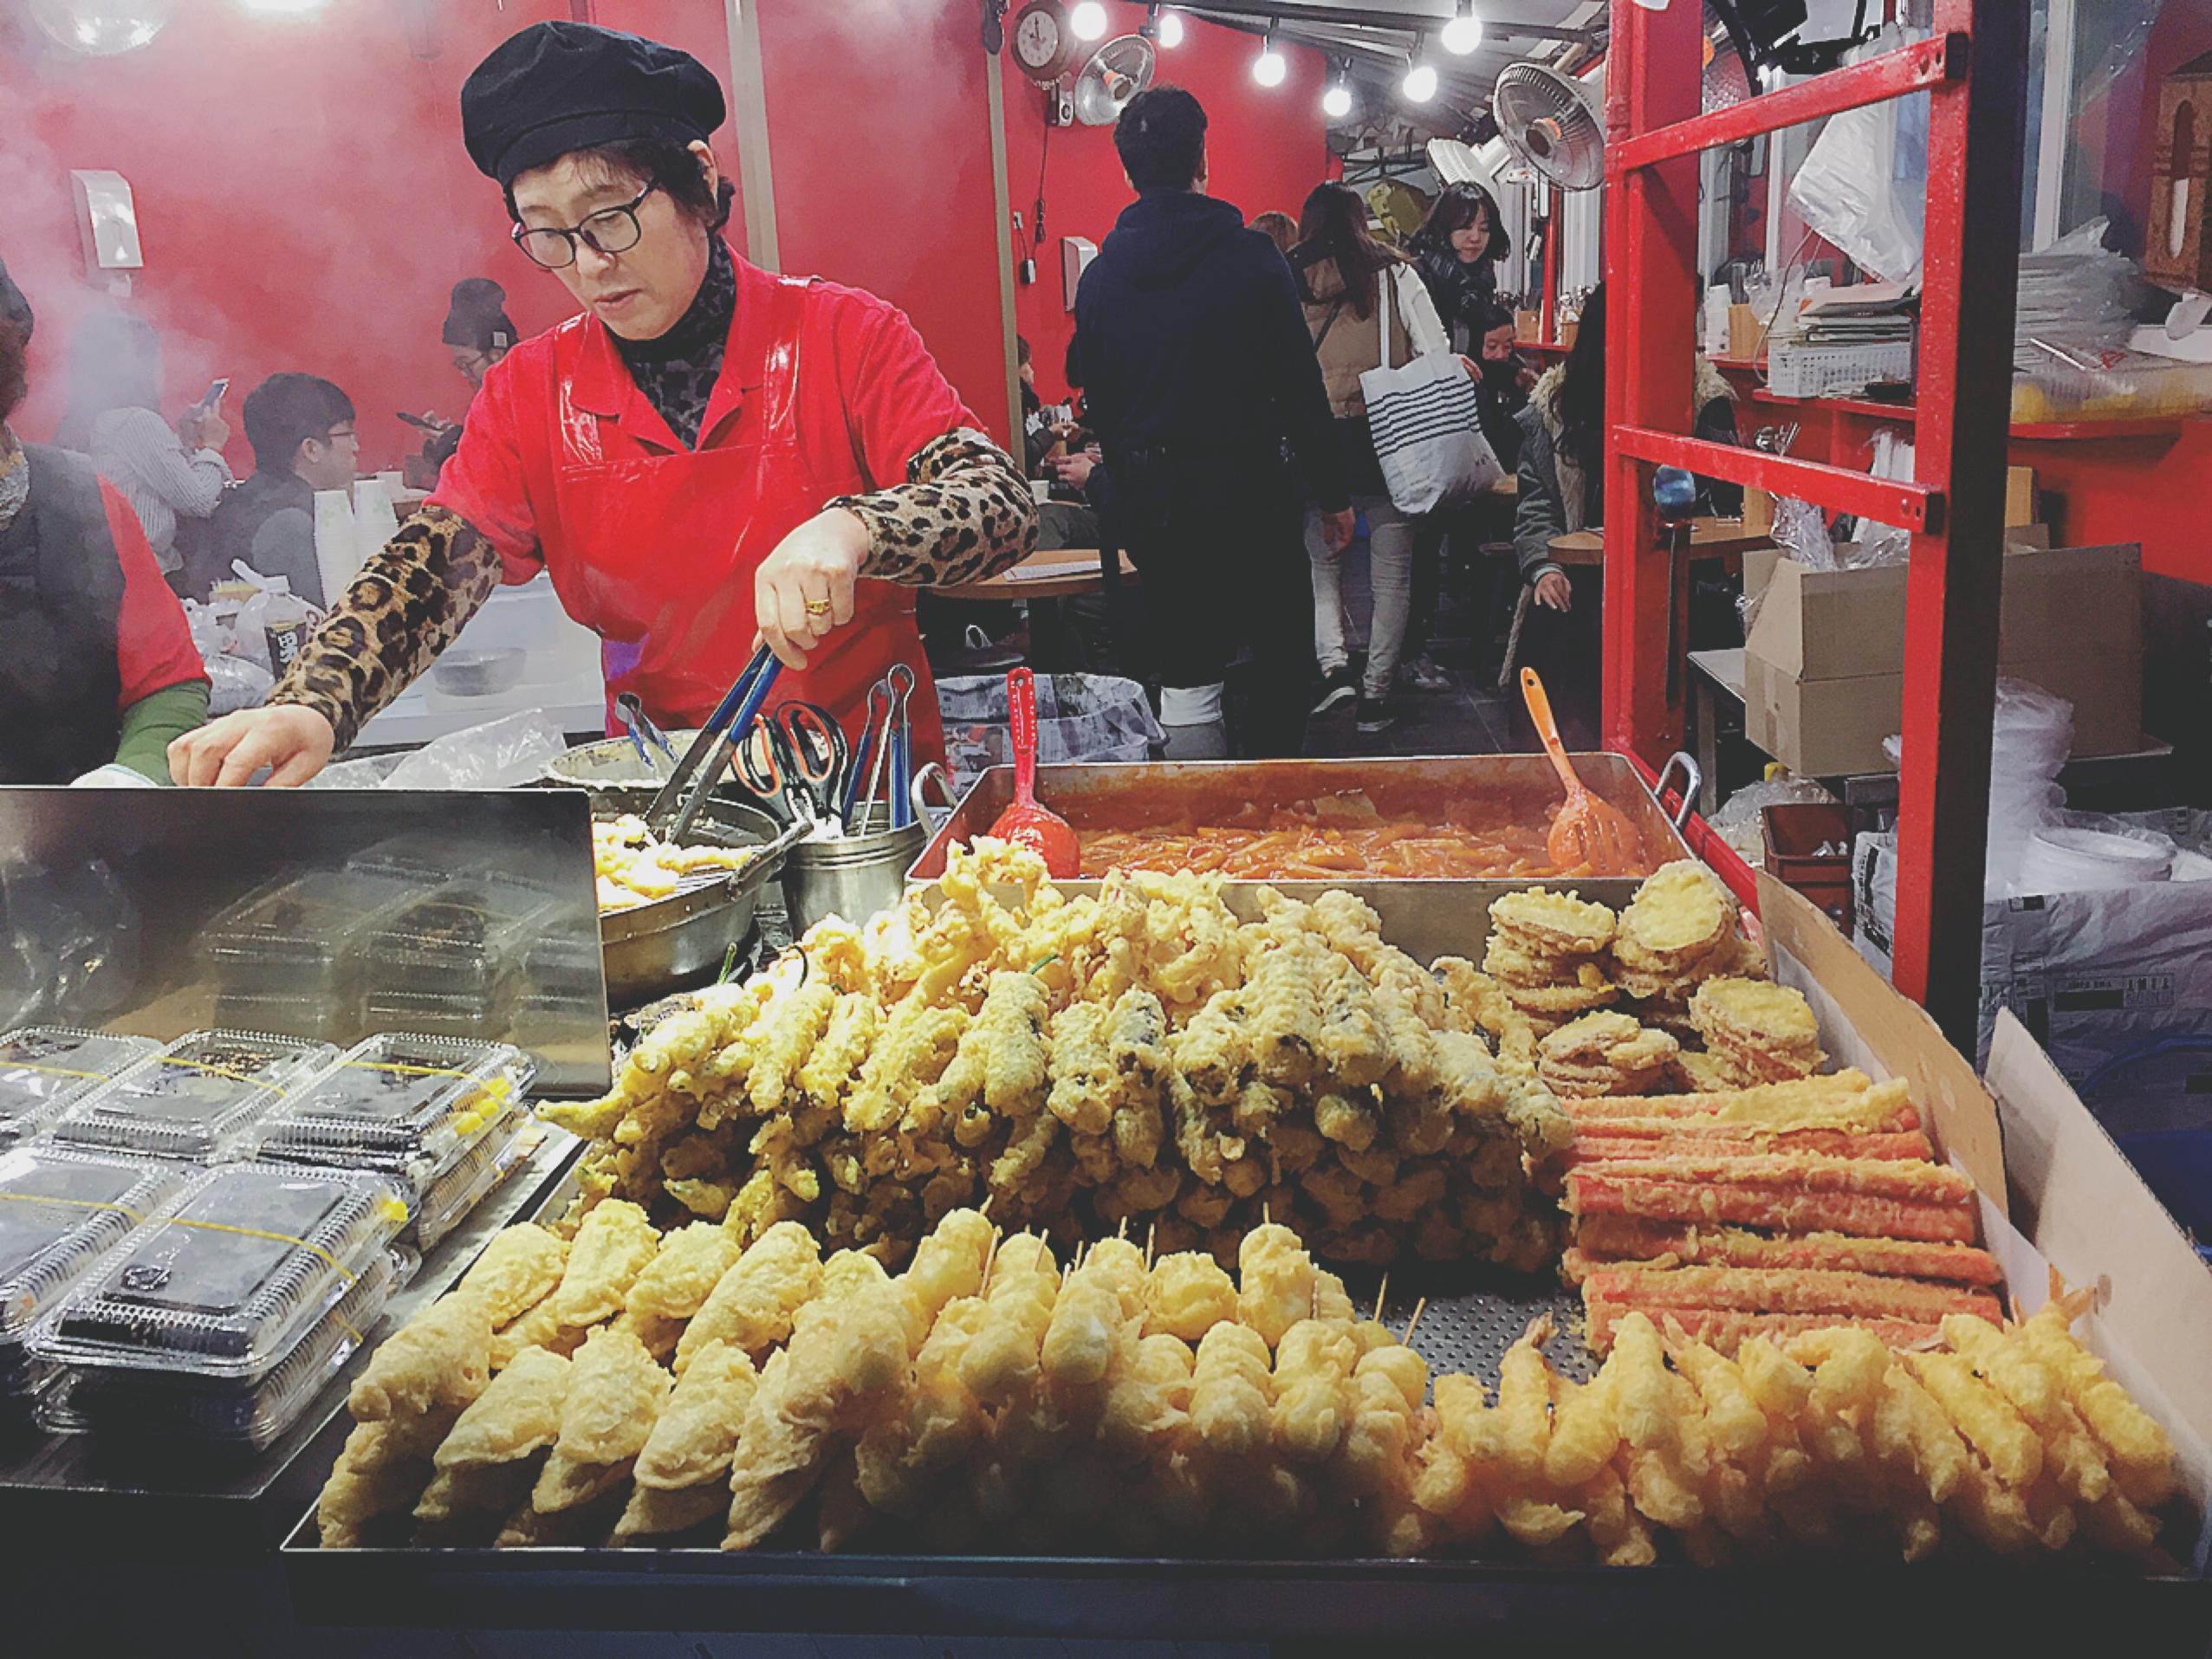 激ウマ天ぷら(ティギム)を食べたくて東大門まで来た